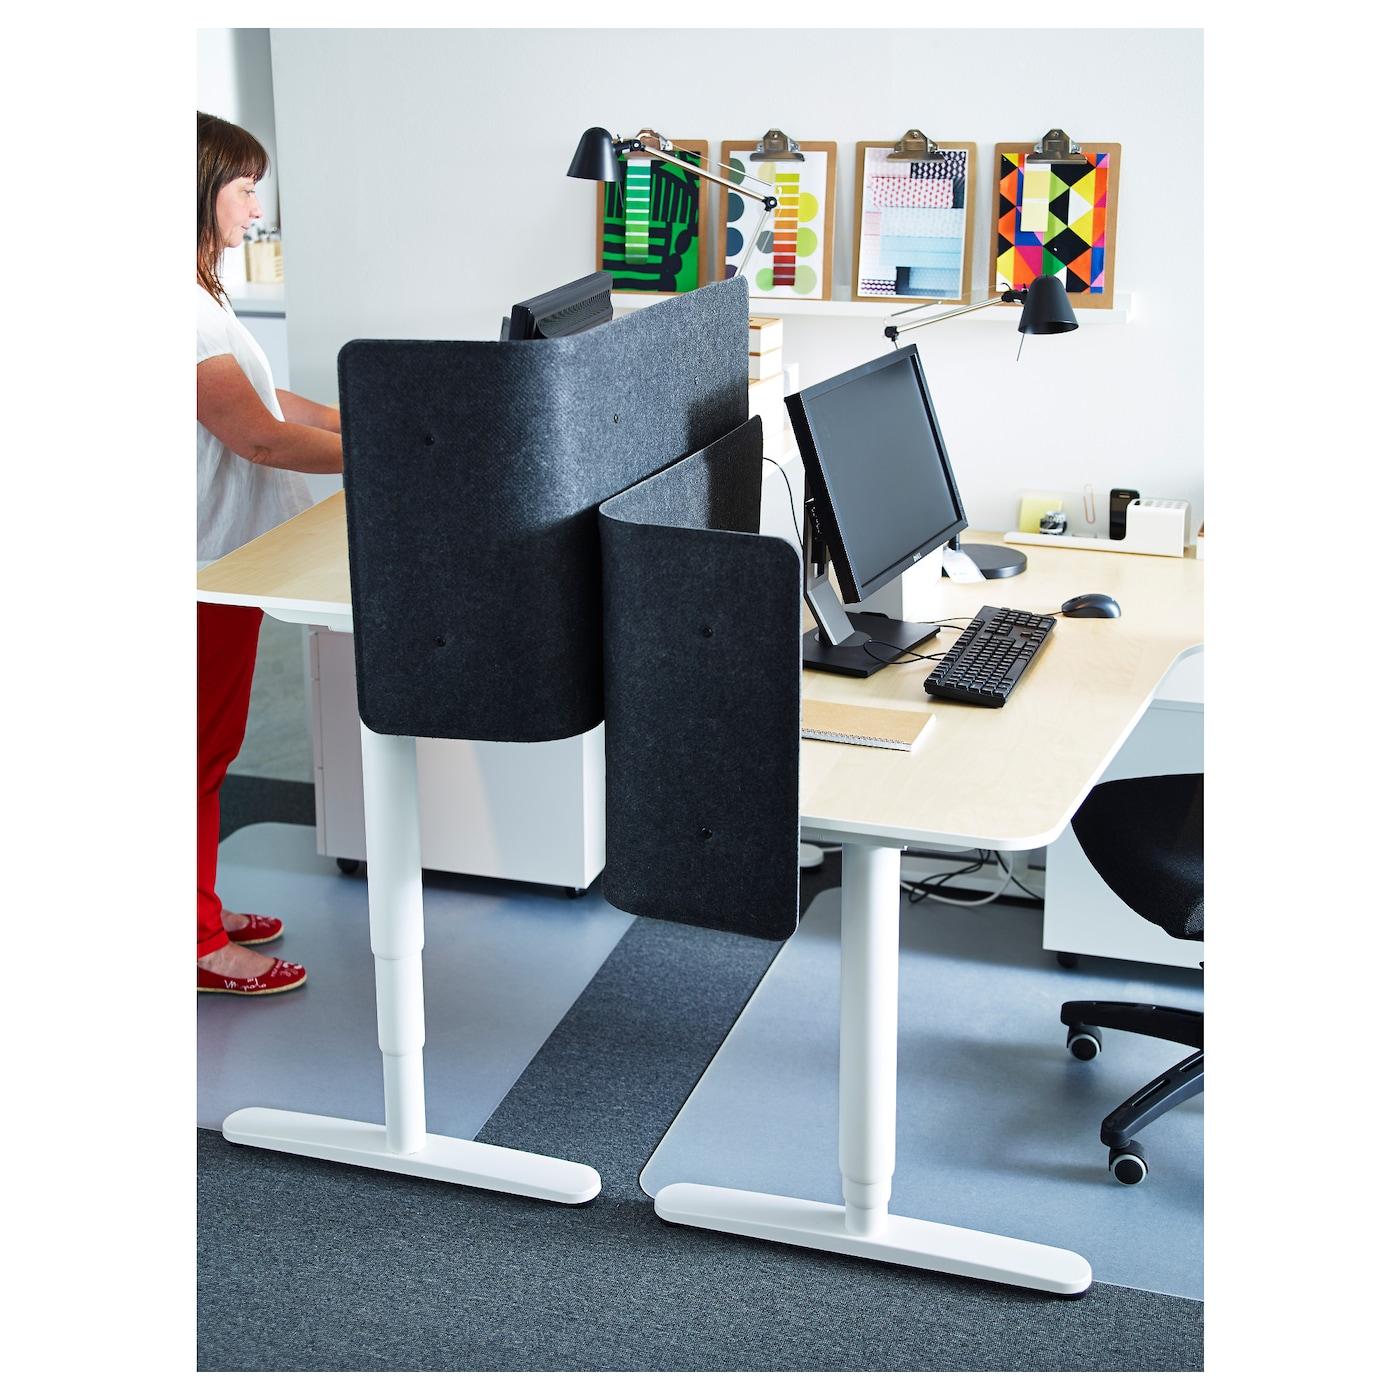 Bekant bureau zit sta berkenfineer wit 160 x 80 cm ikea for Ikea bekant coin bureau